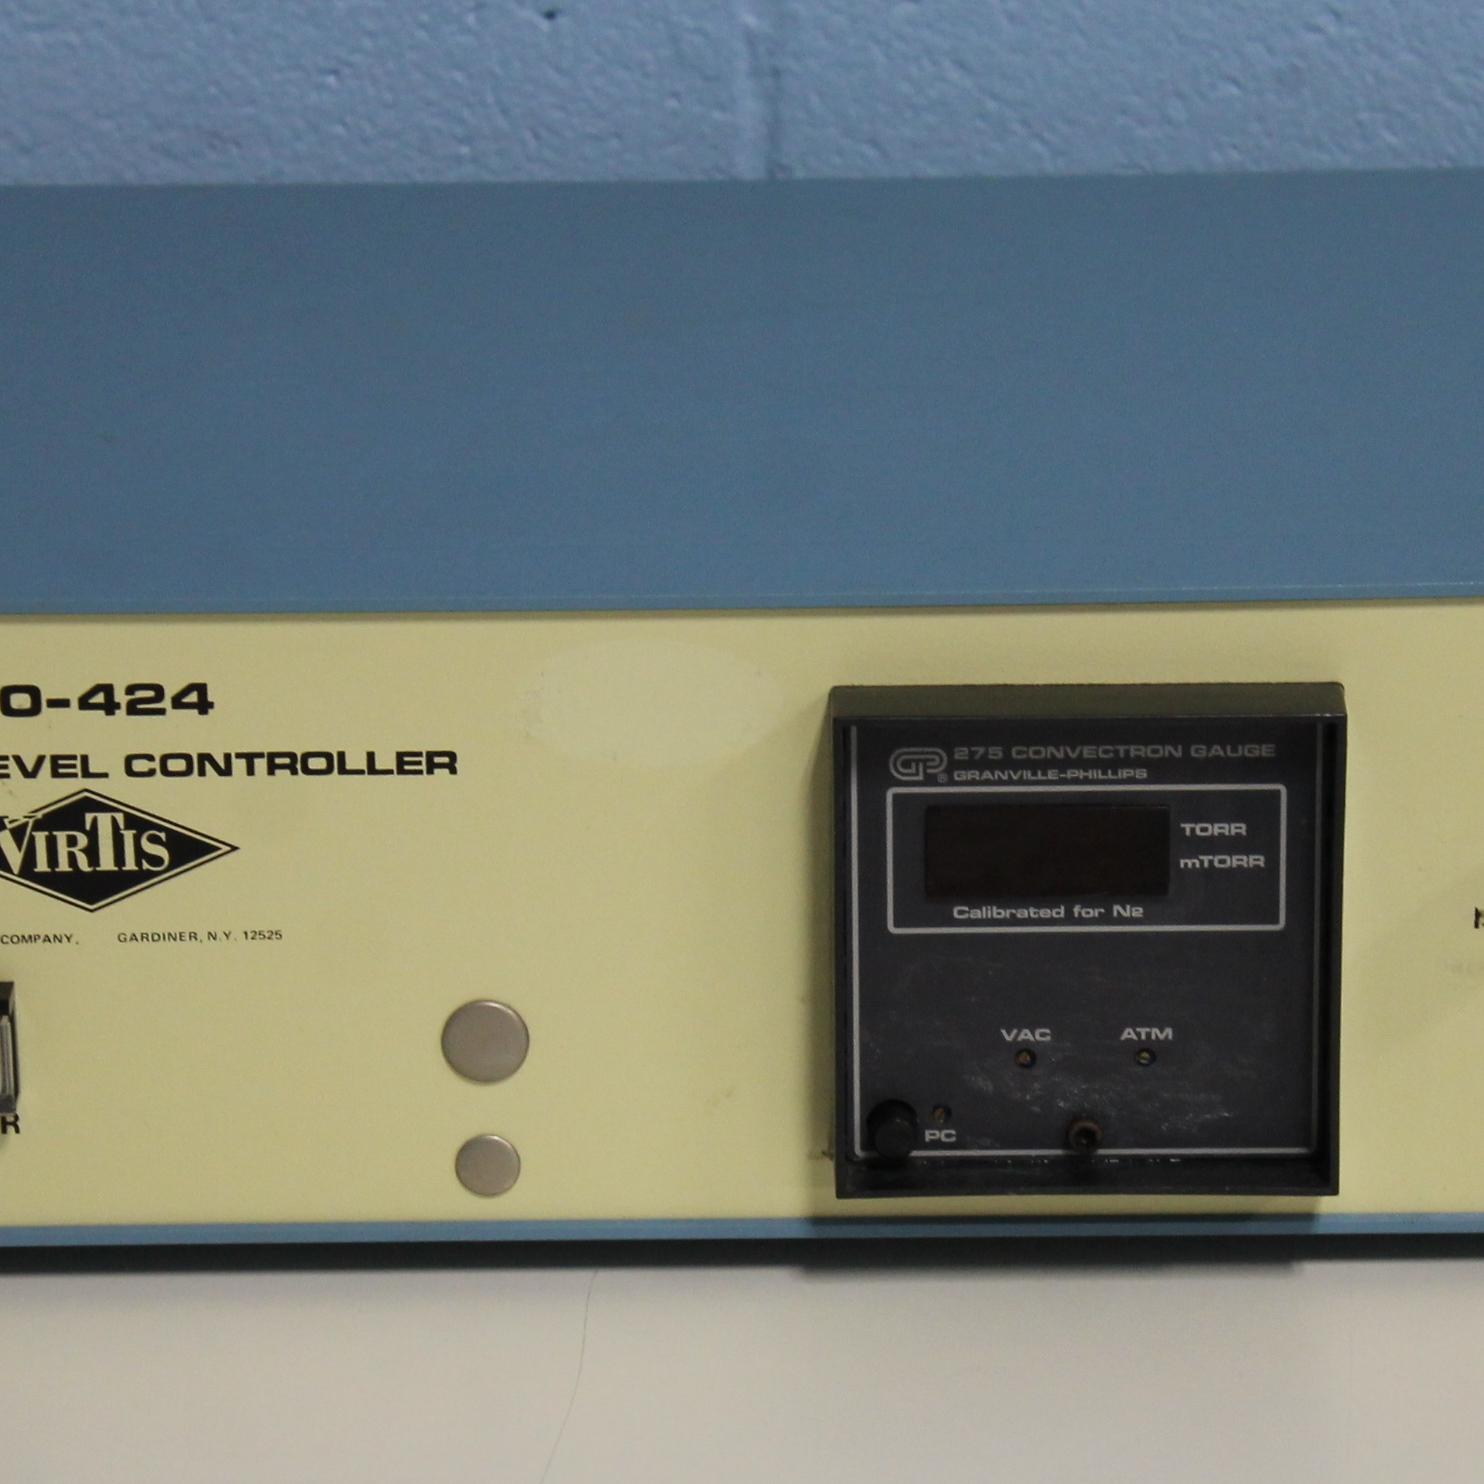 10-424 Vacuum Level Controller Name